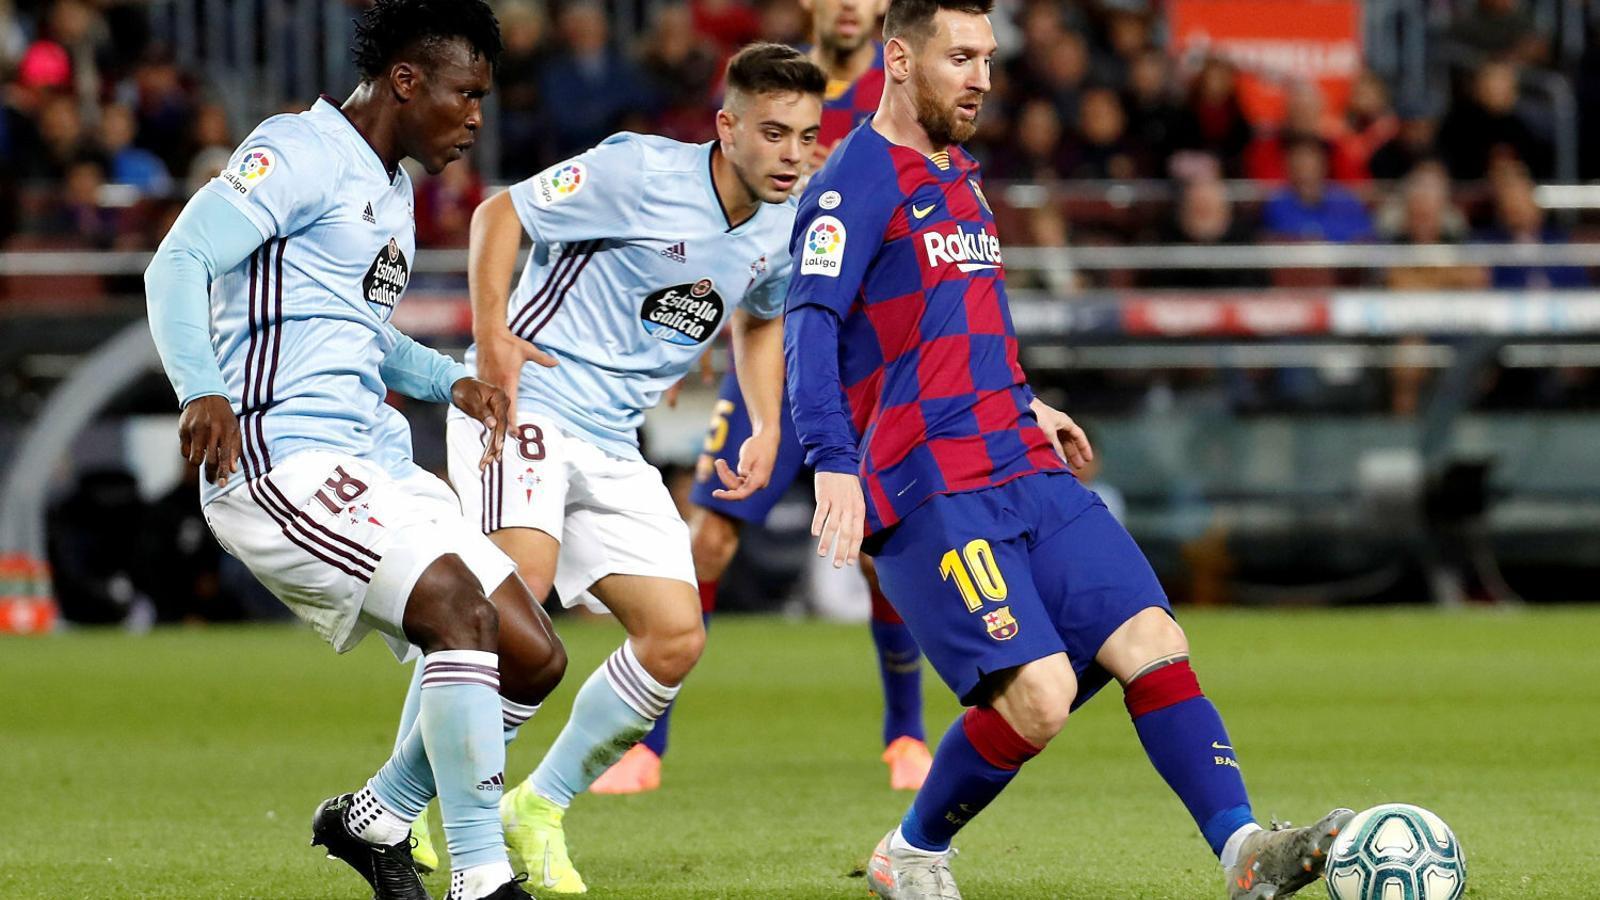 Leo Messi jugant una pilota davant dels jugadors del Celta Aidoo i Denis Suárez. L'argentí va anotar un hat trick decisiu.